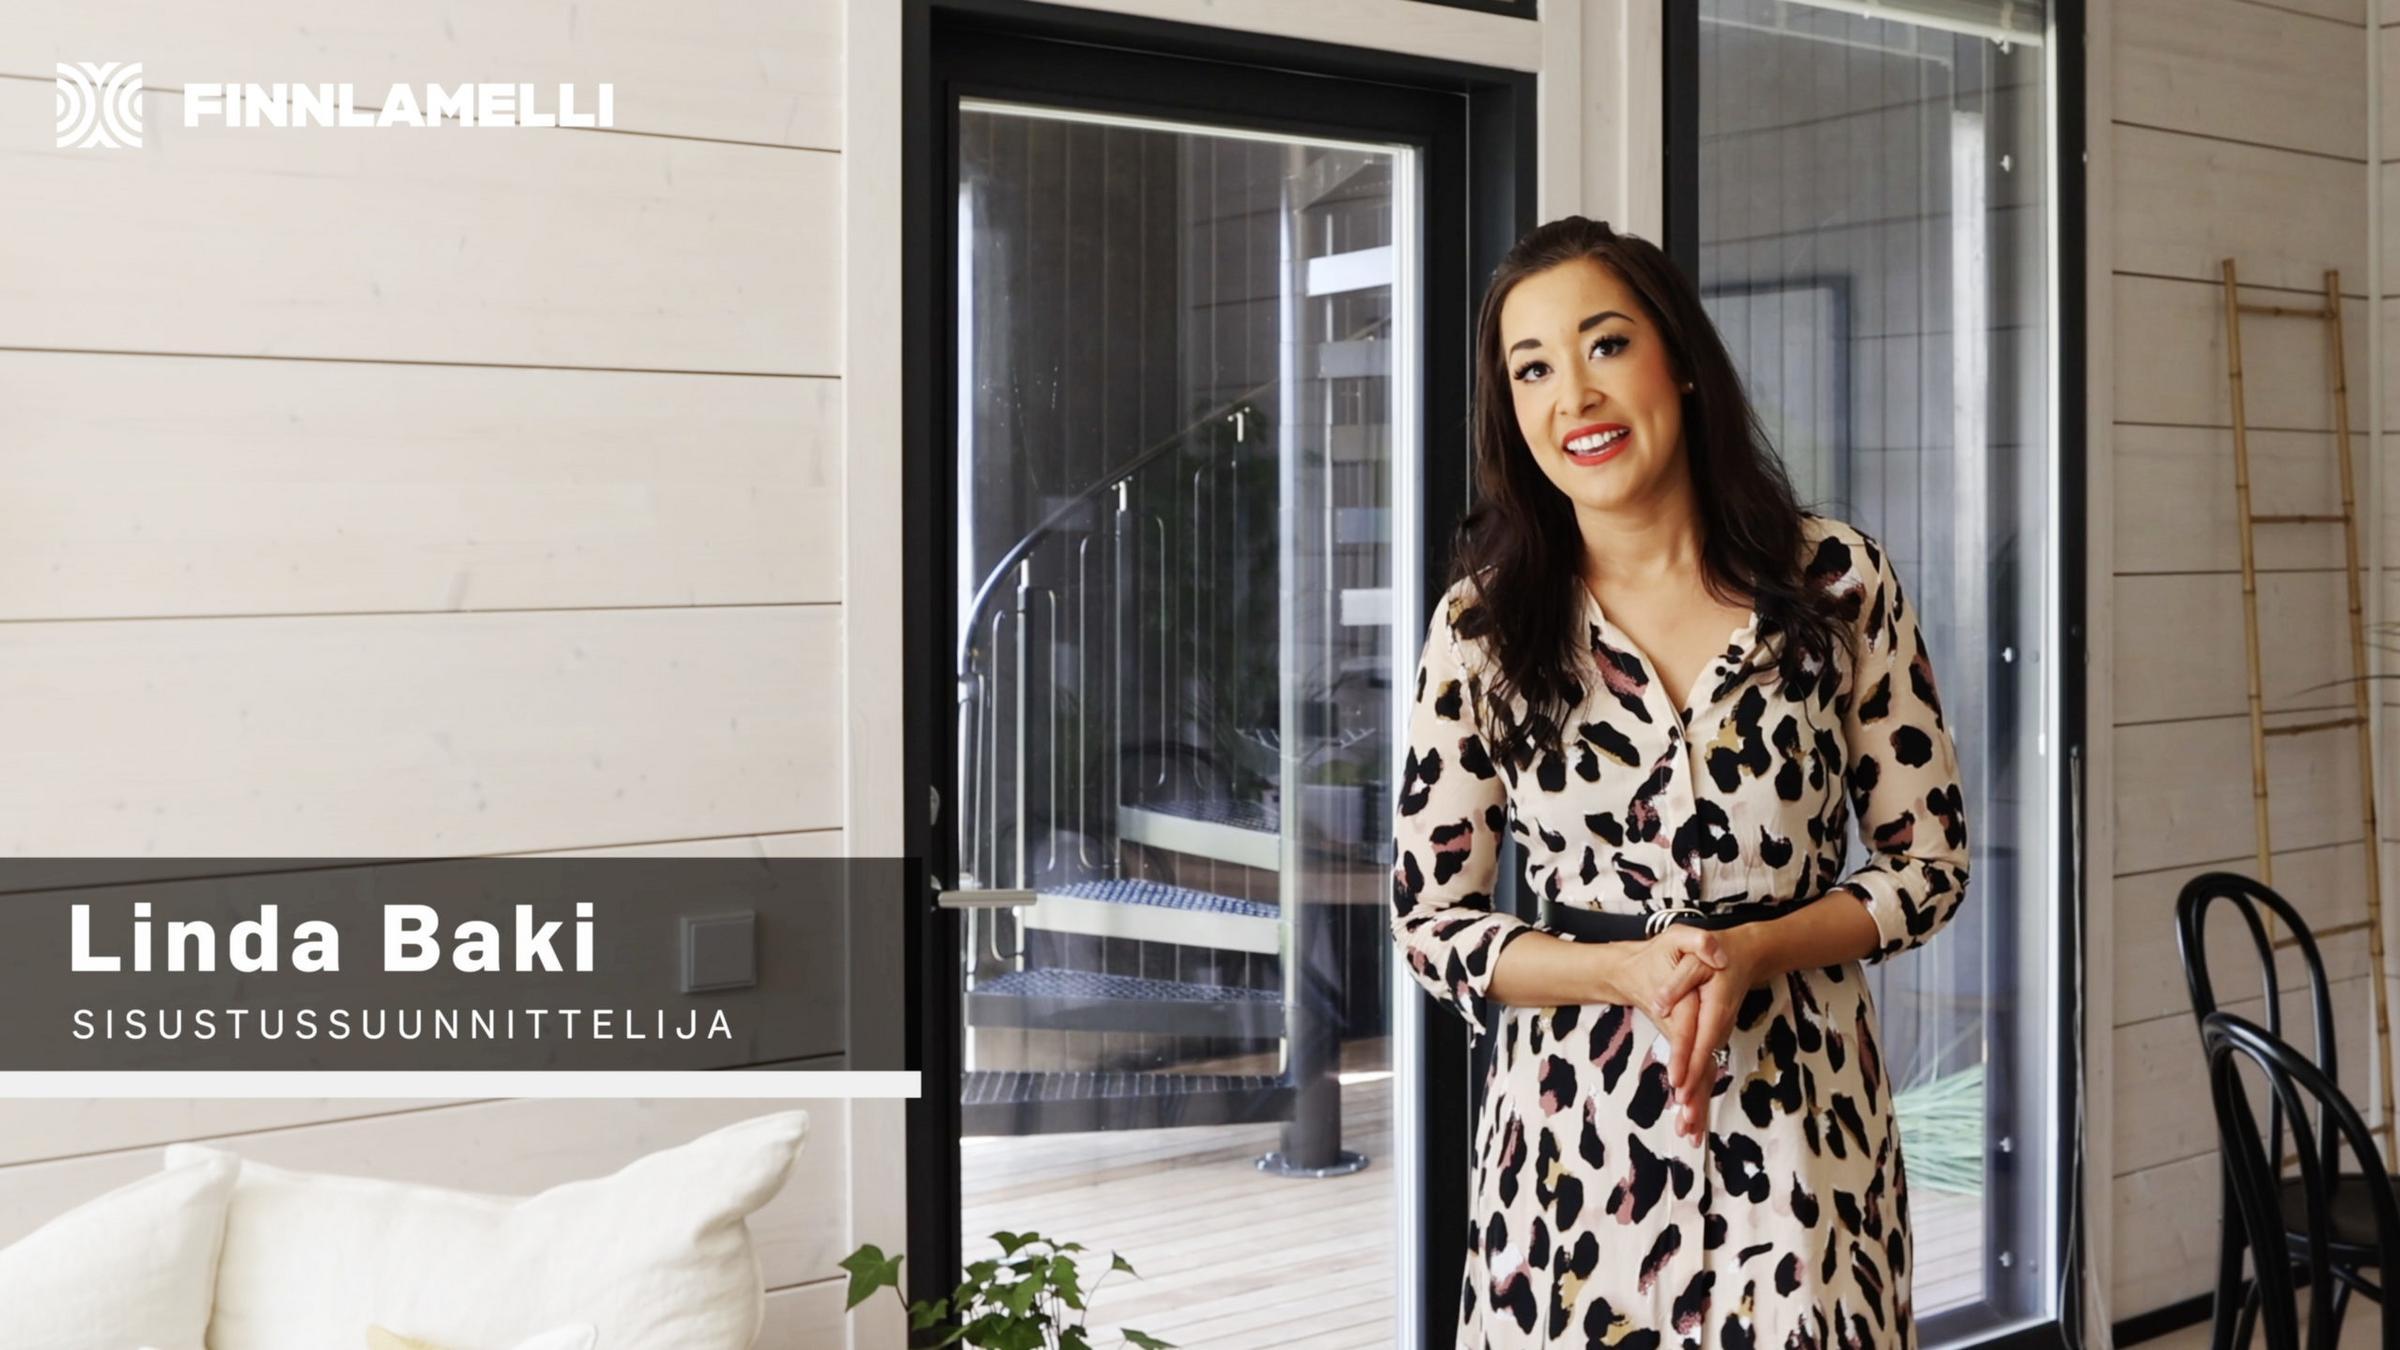 Finnlamellille tuotettu video Asuntomessukohteen sisustusratkaisuista